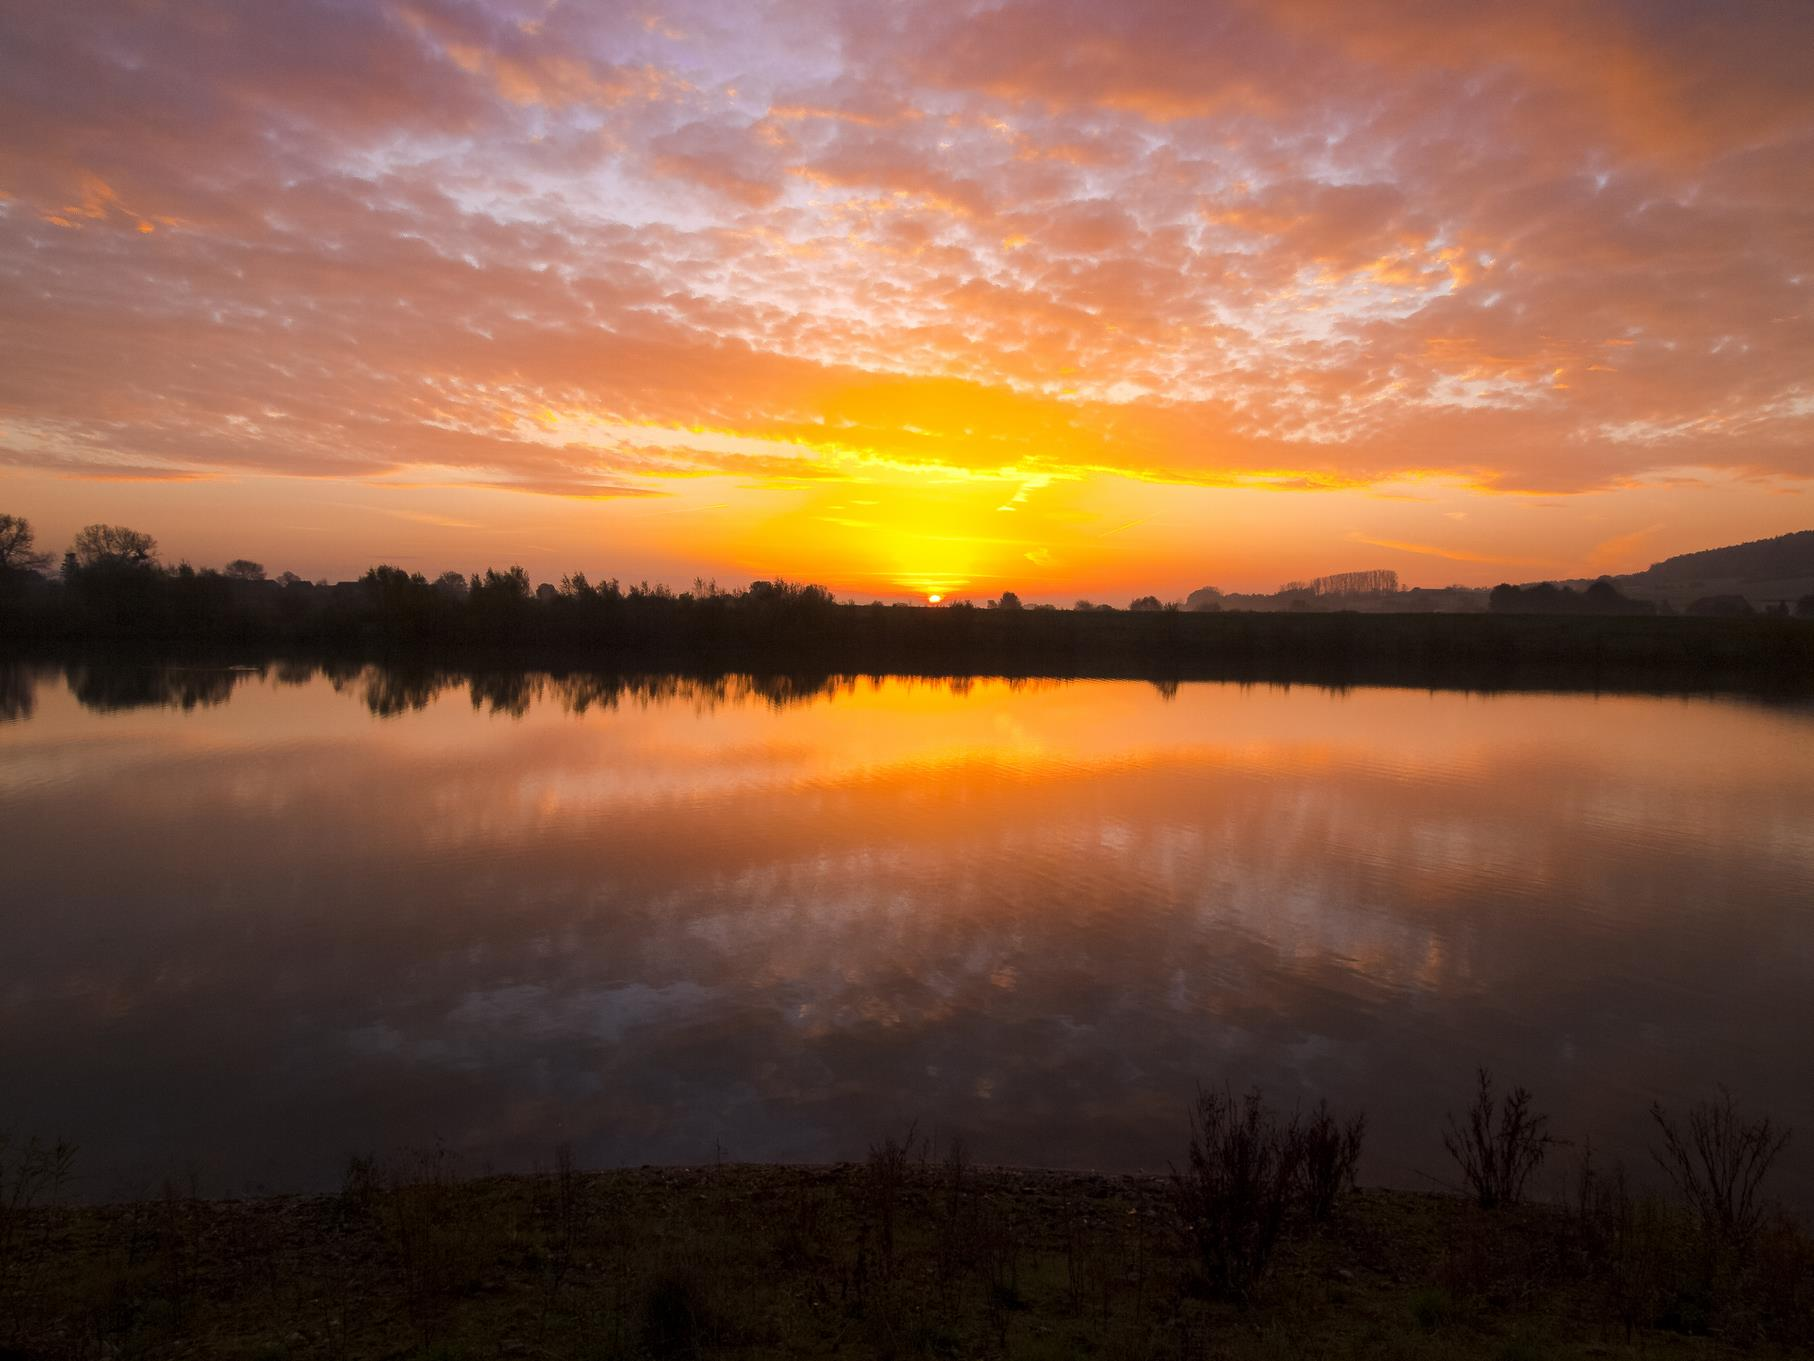 Sonnenaufgang mit Wolkenreflexion am östlichen Teich.